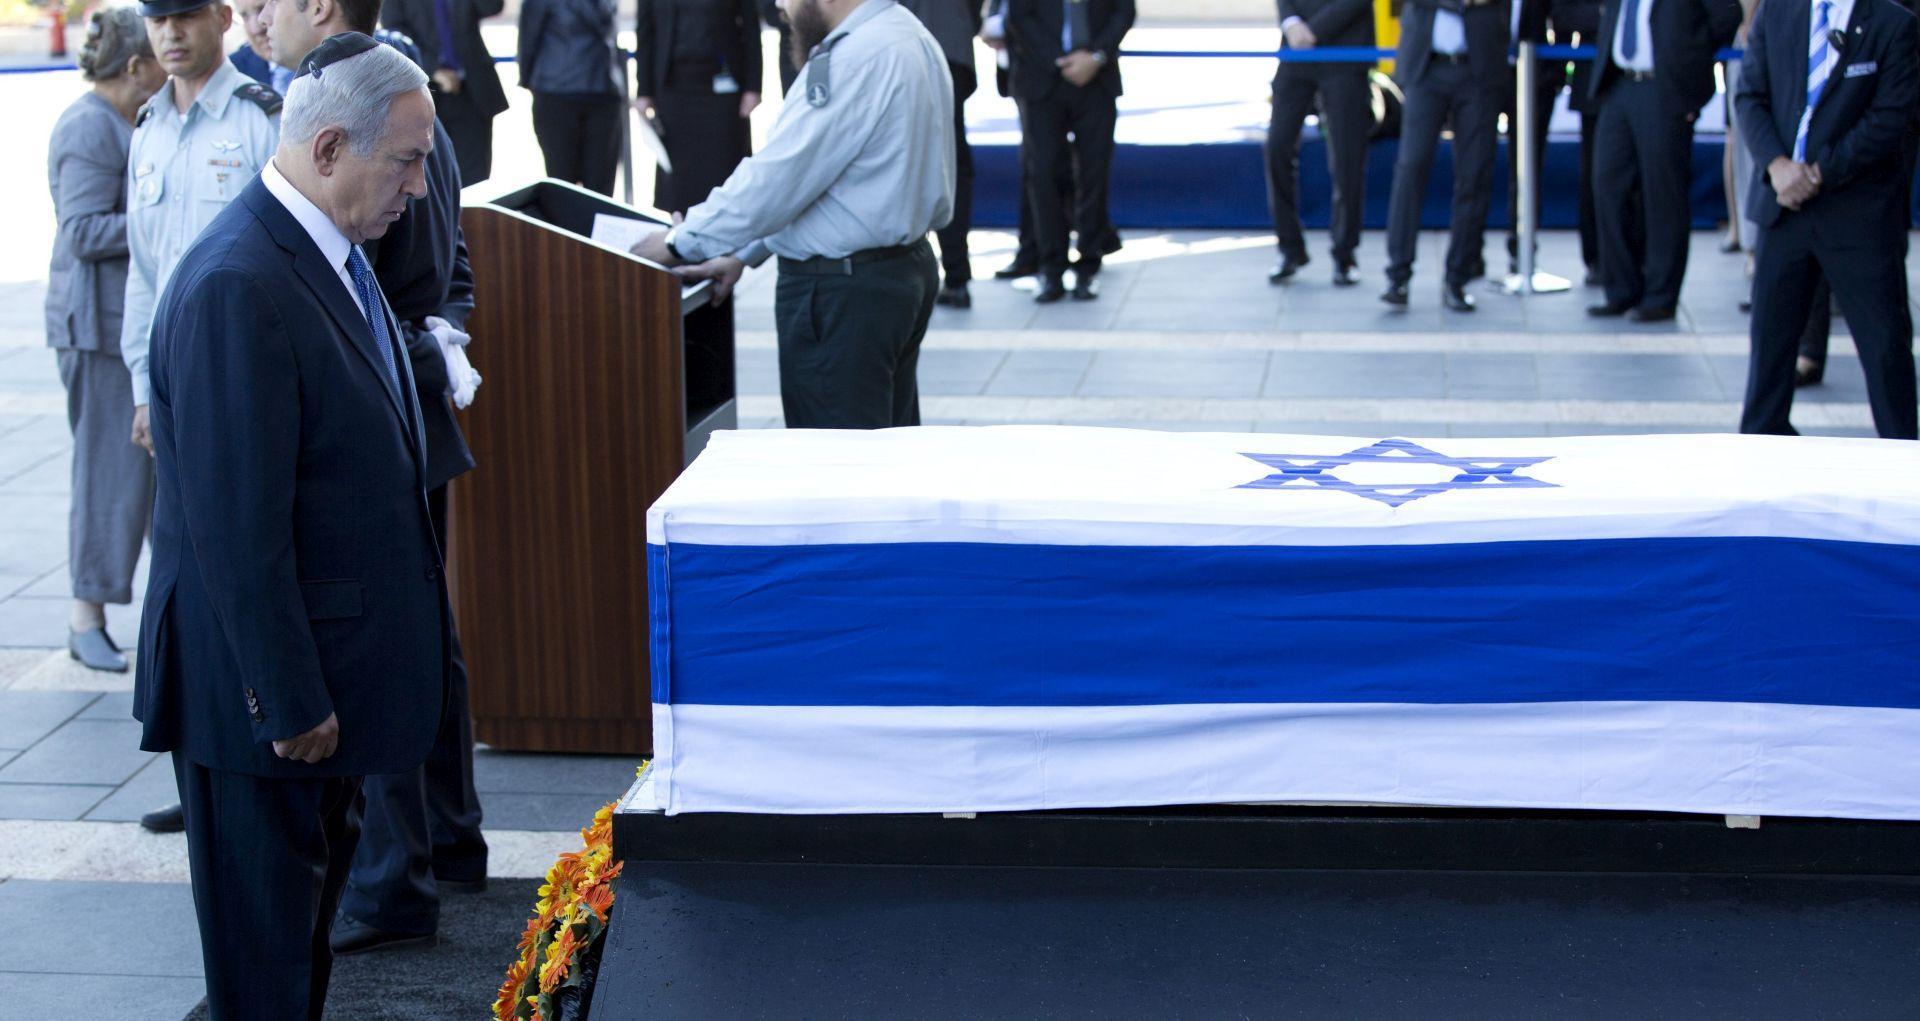 Izrael počeo odavati posljednju počast Peresu